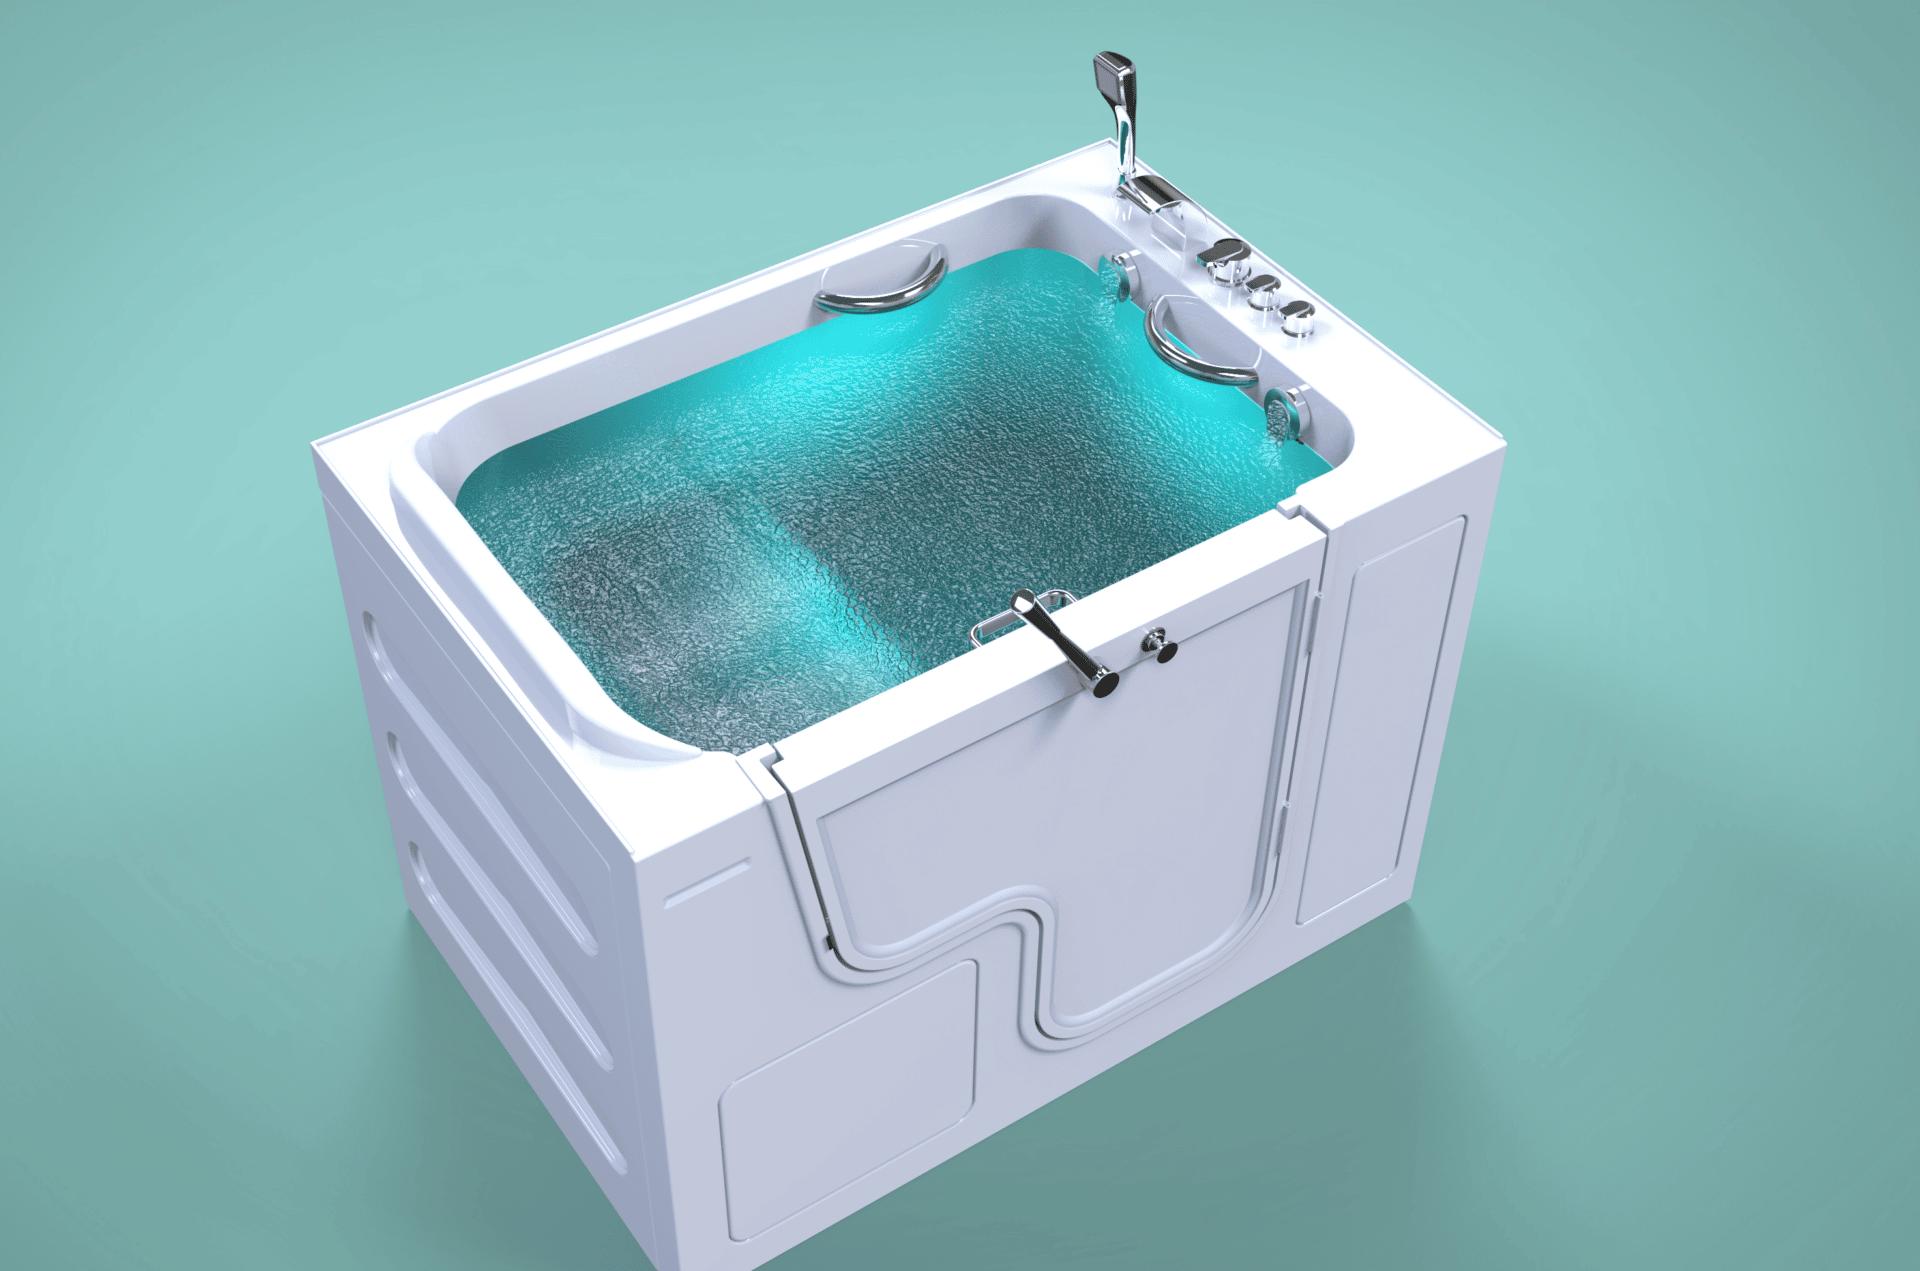 3d model of Grandeur style walk-in bathtub, door closed, full of water